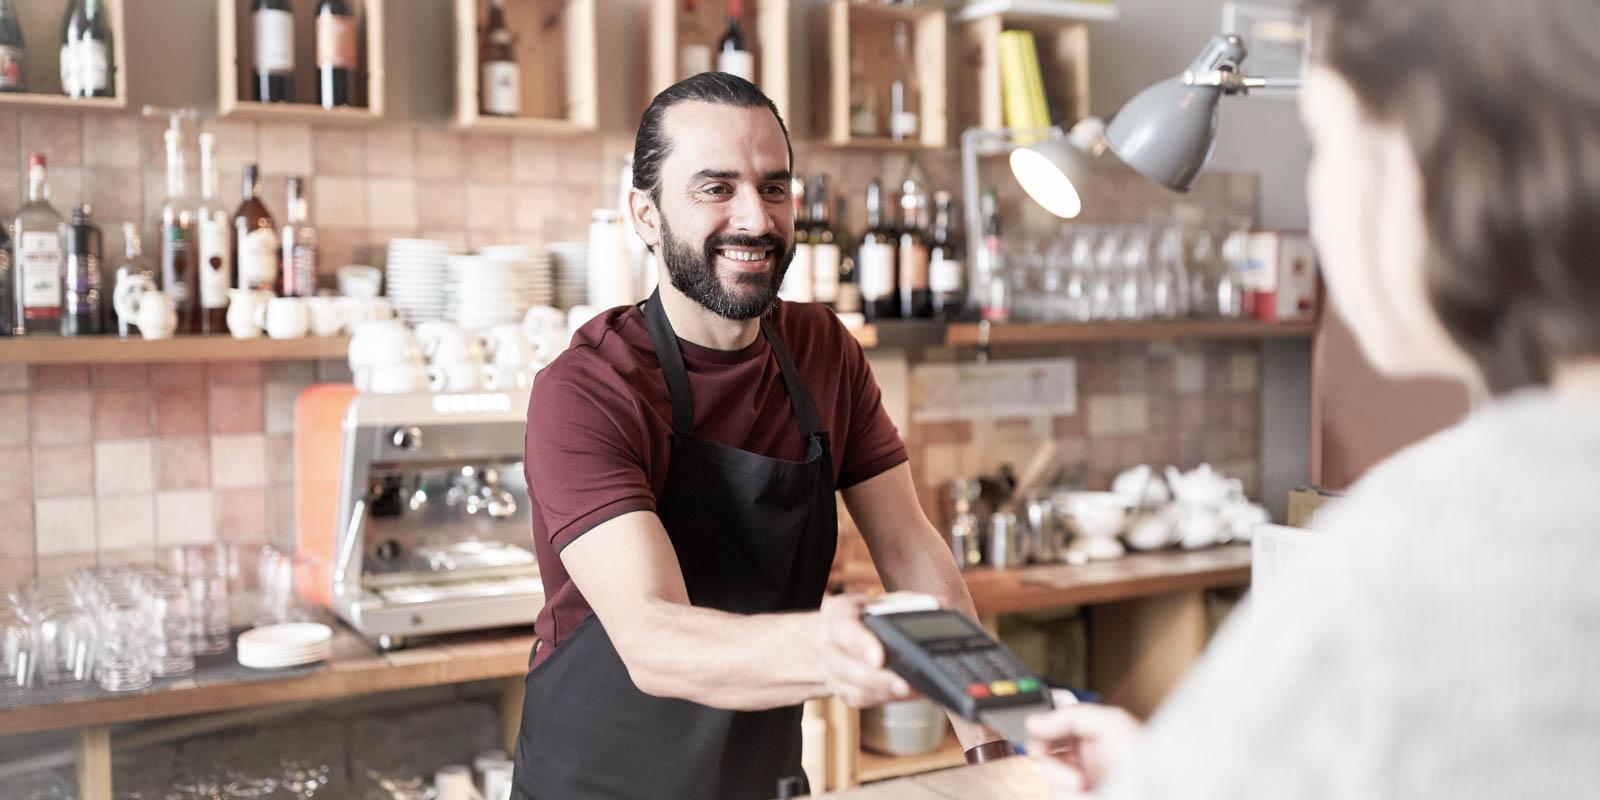 Bargeldlose Gesellschaft: Ist Ihr Unternehmen bereit?